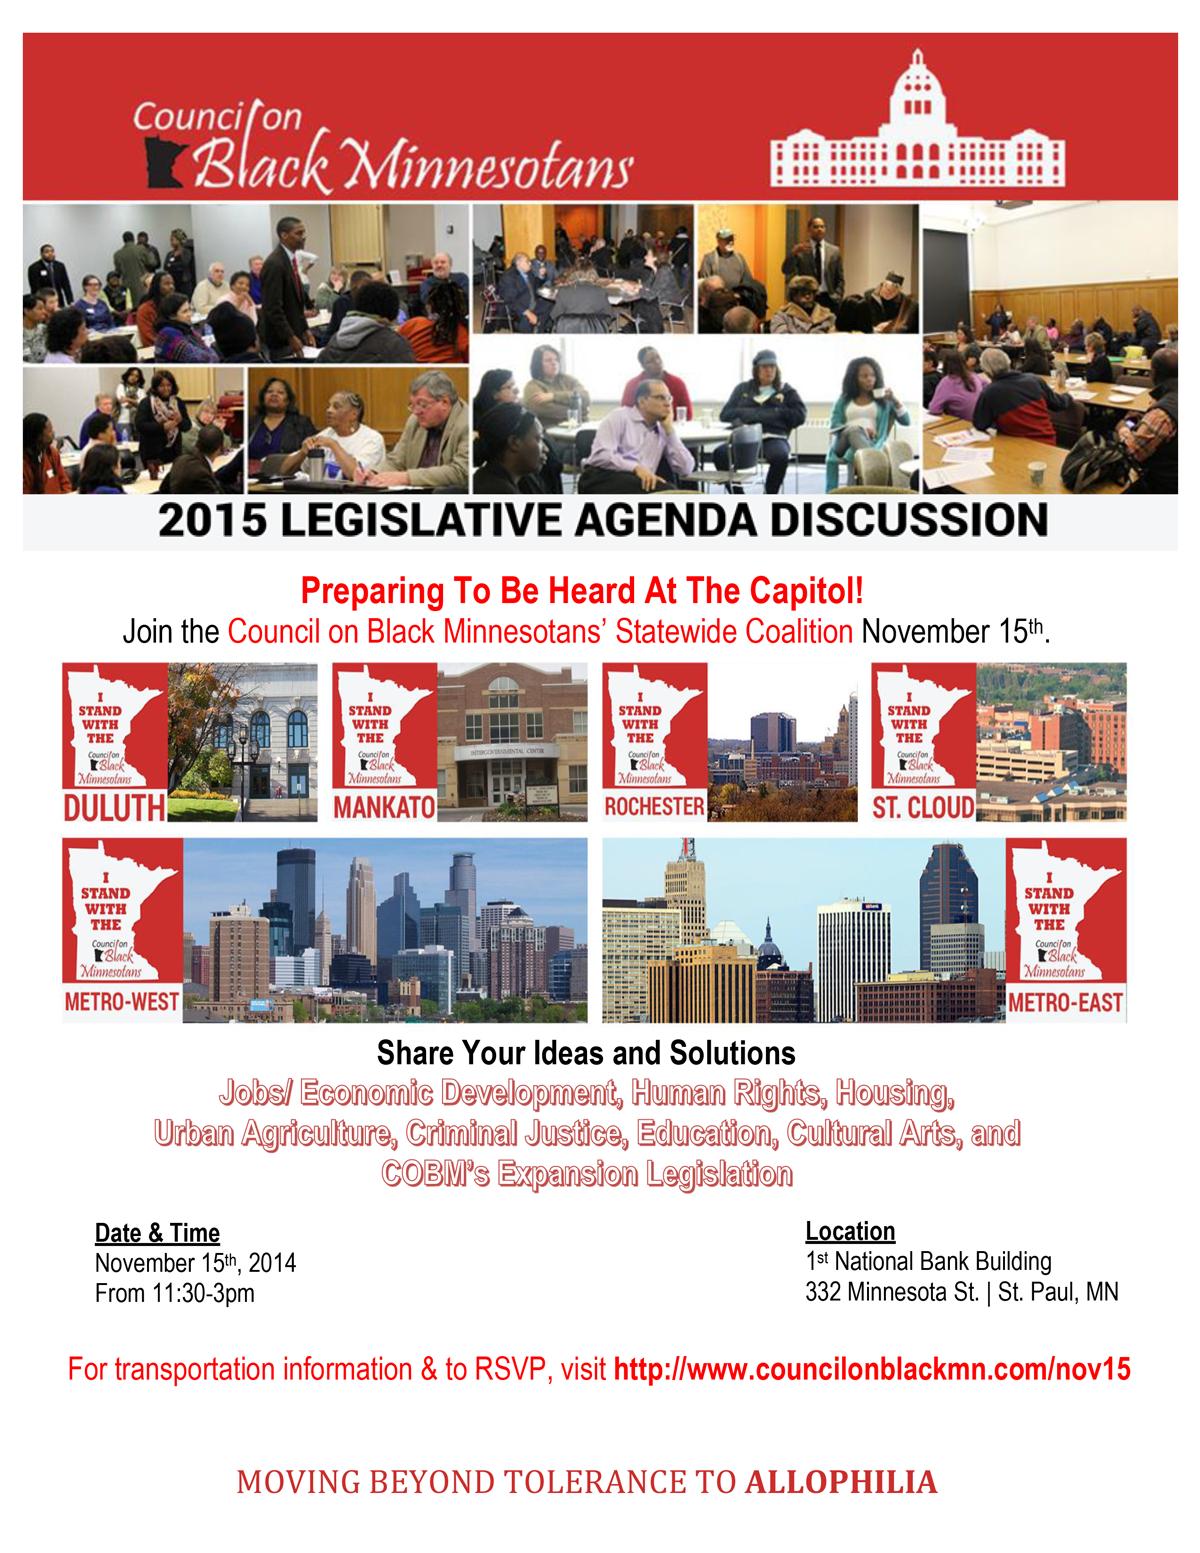 COBM 2015 Legislative Agenda Discussion